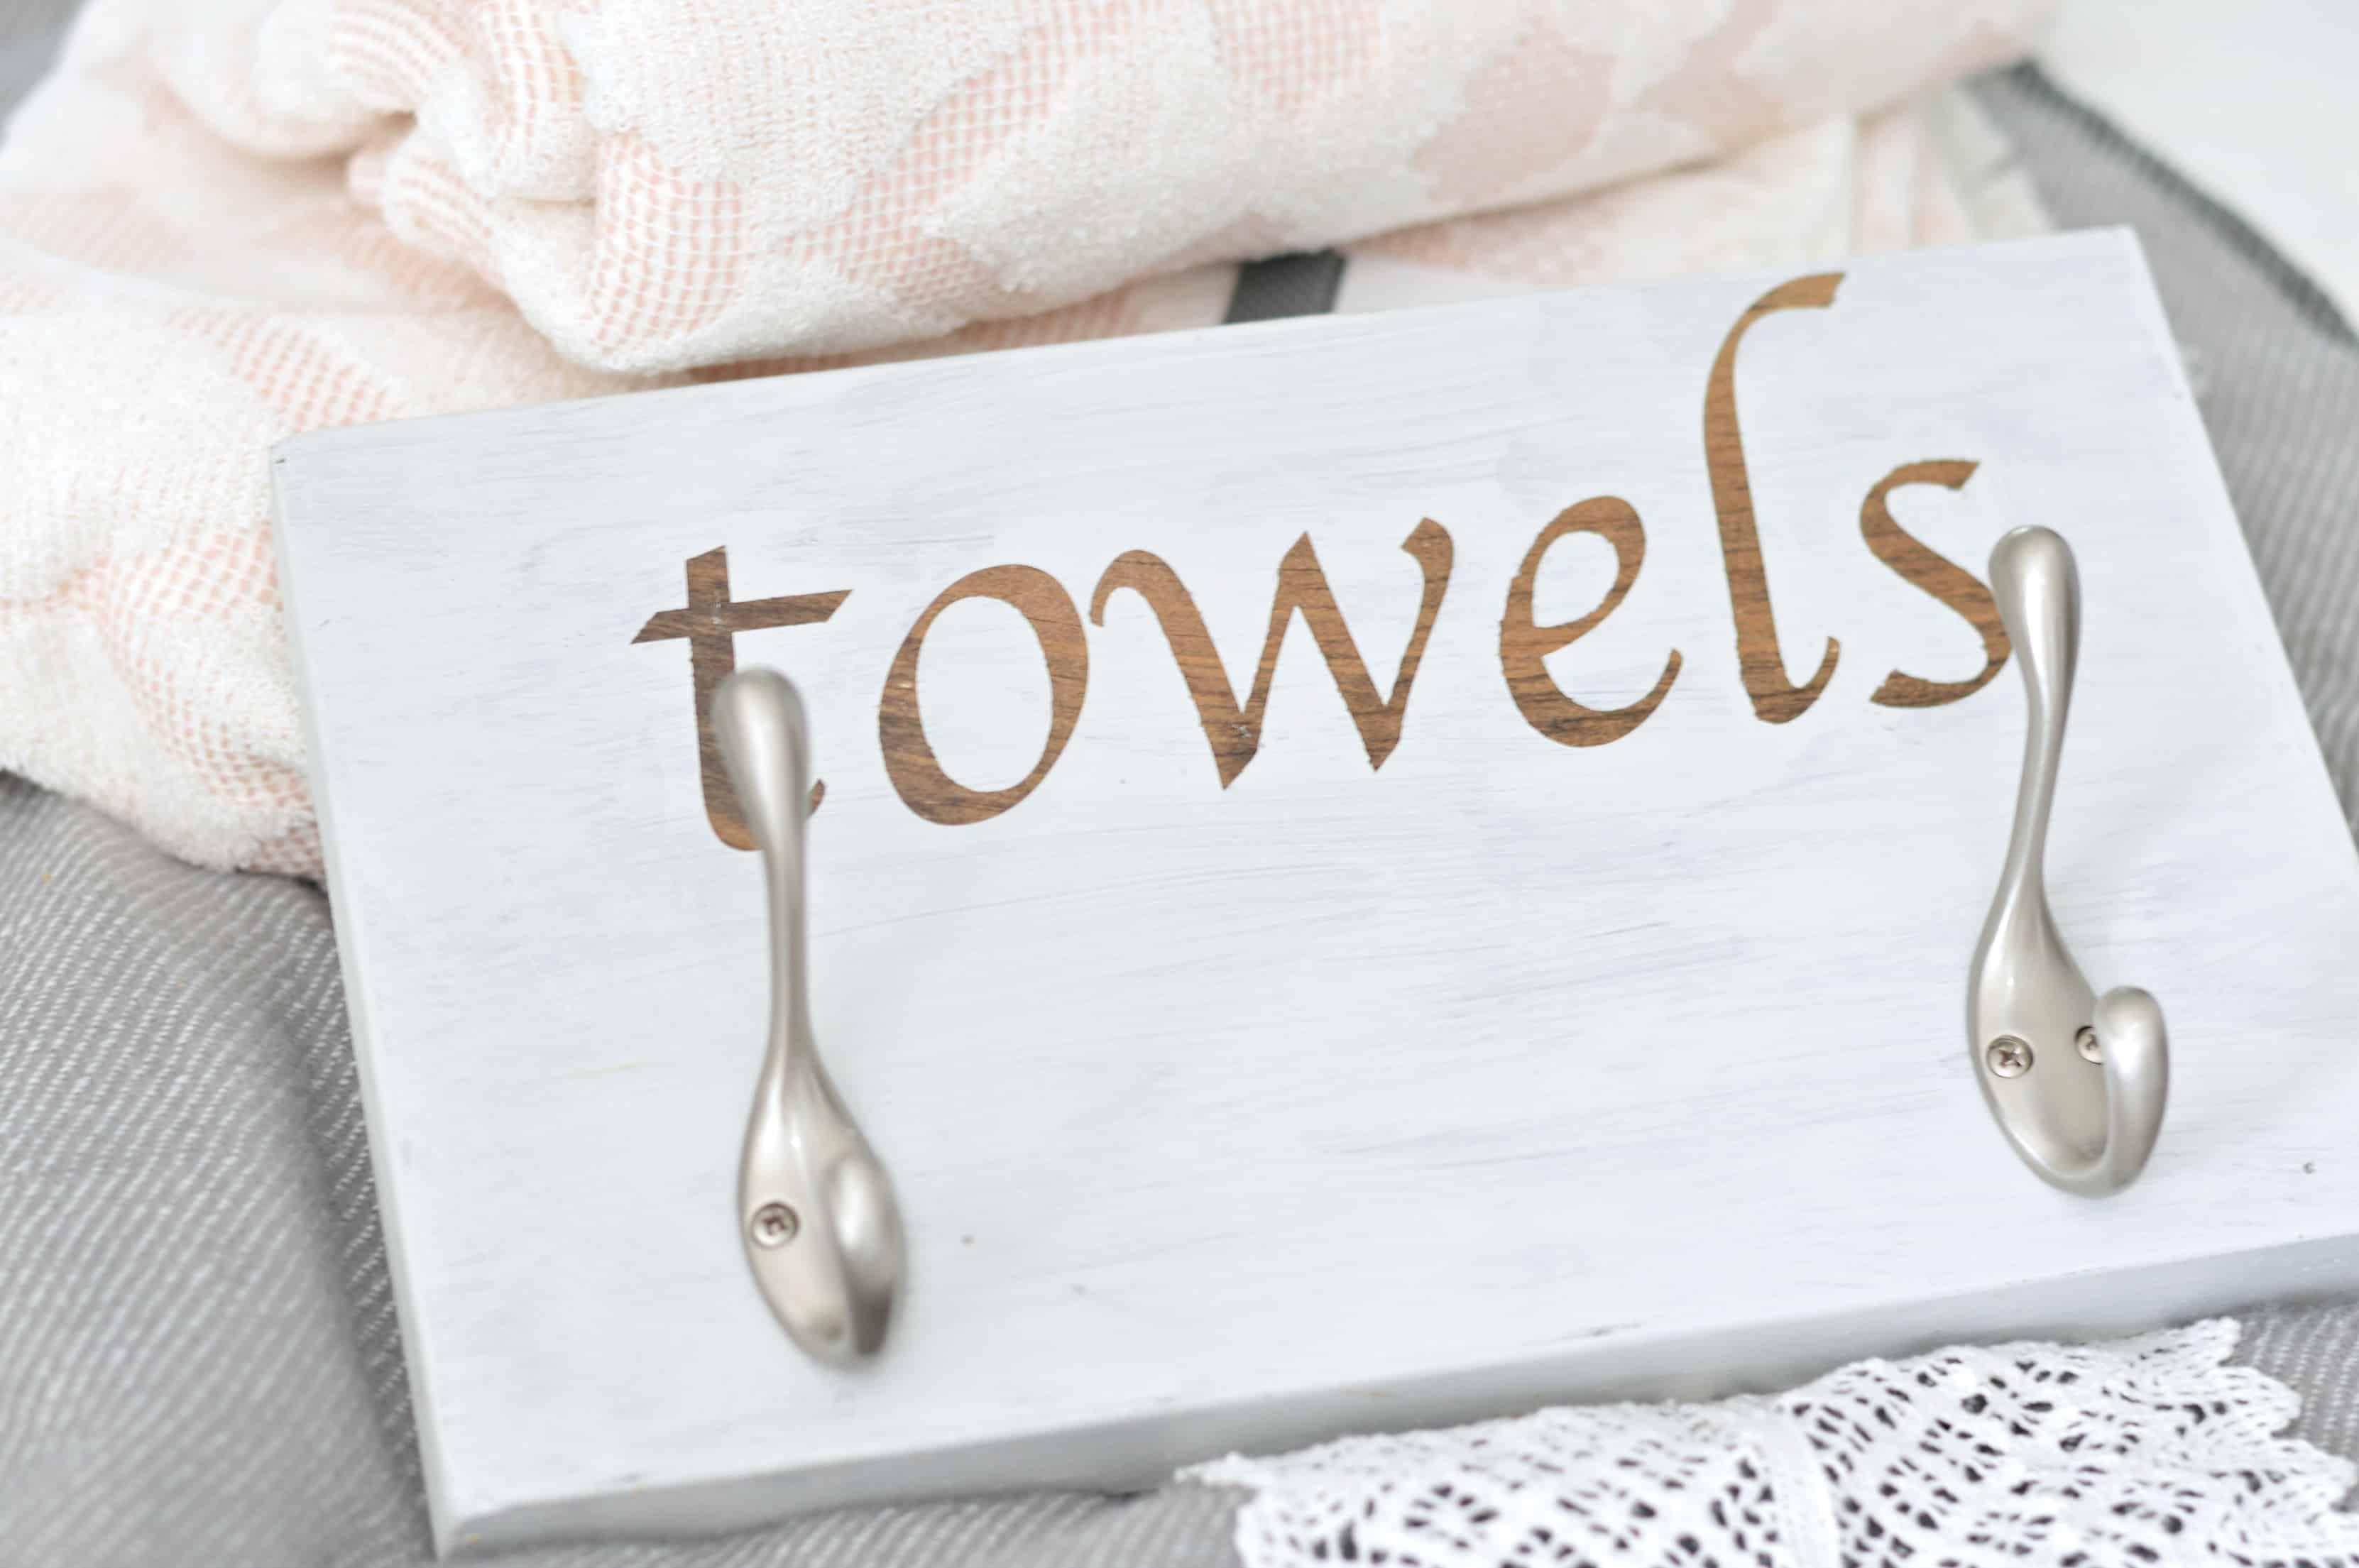 DIY towel hook rack with nickel robe hooks